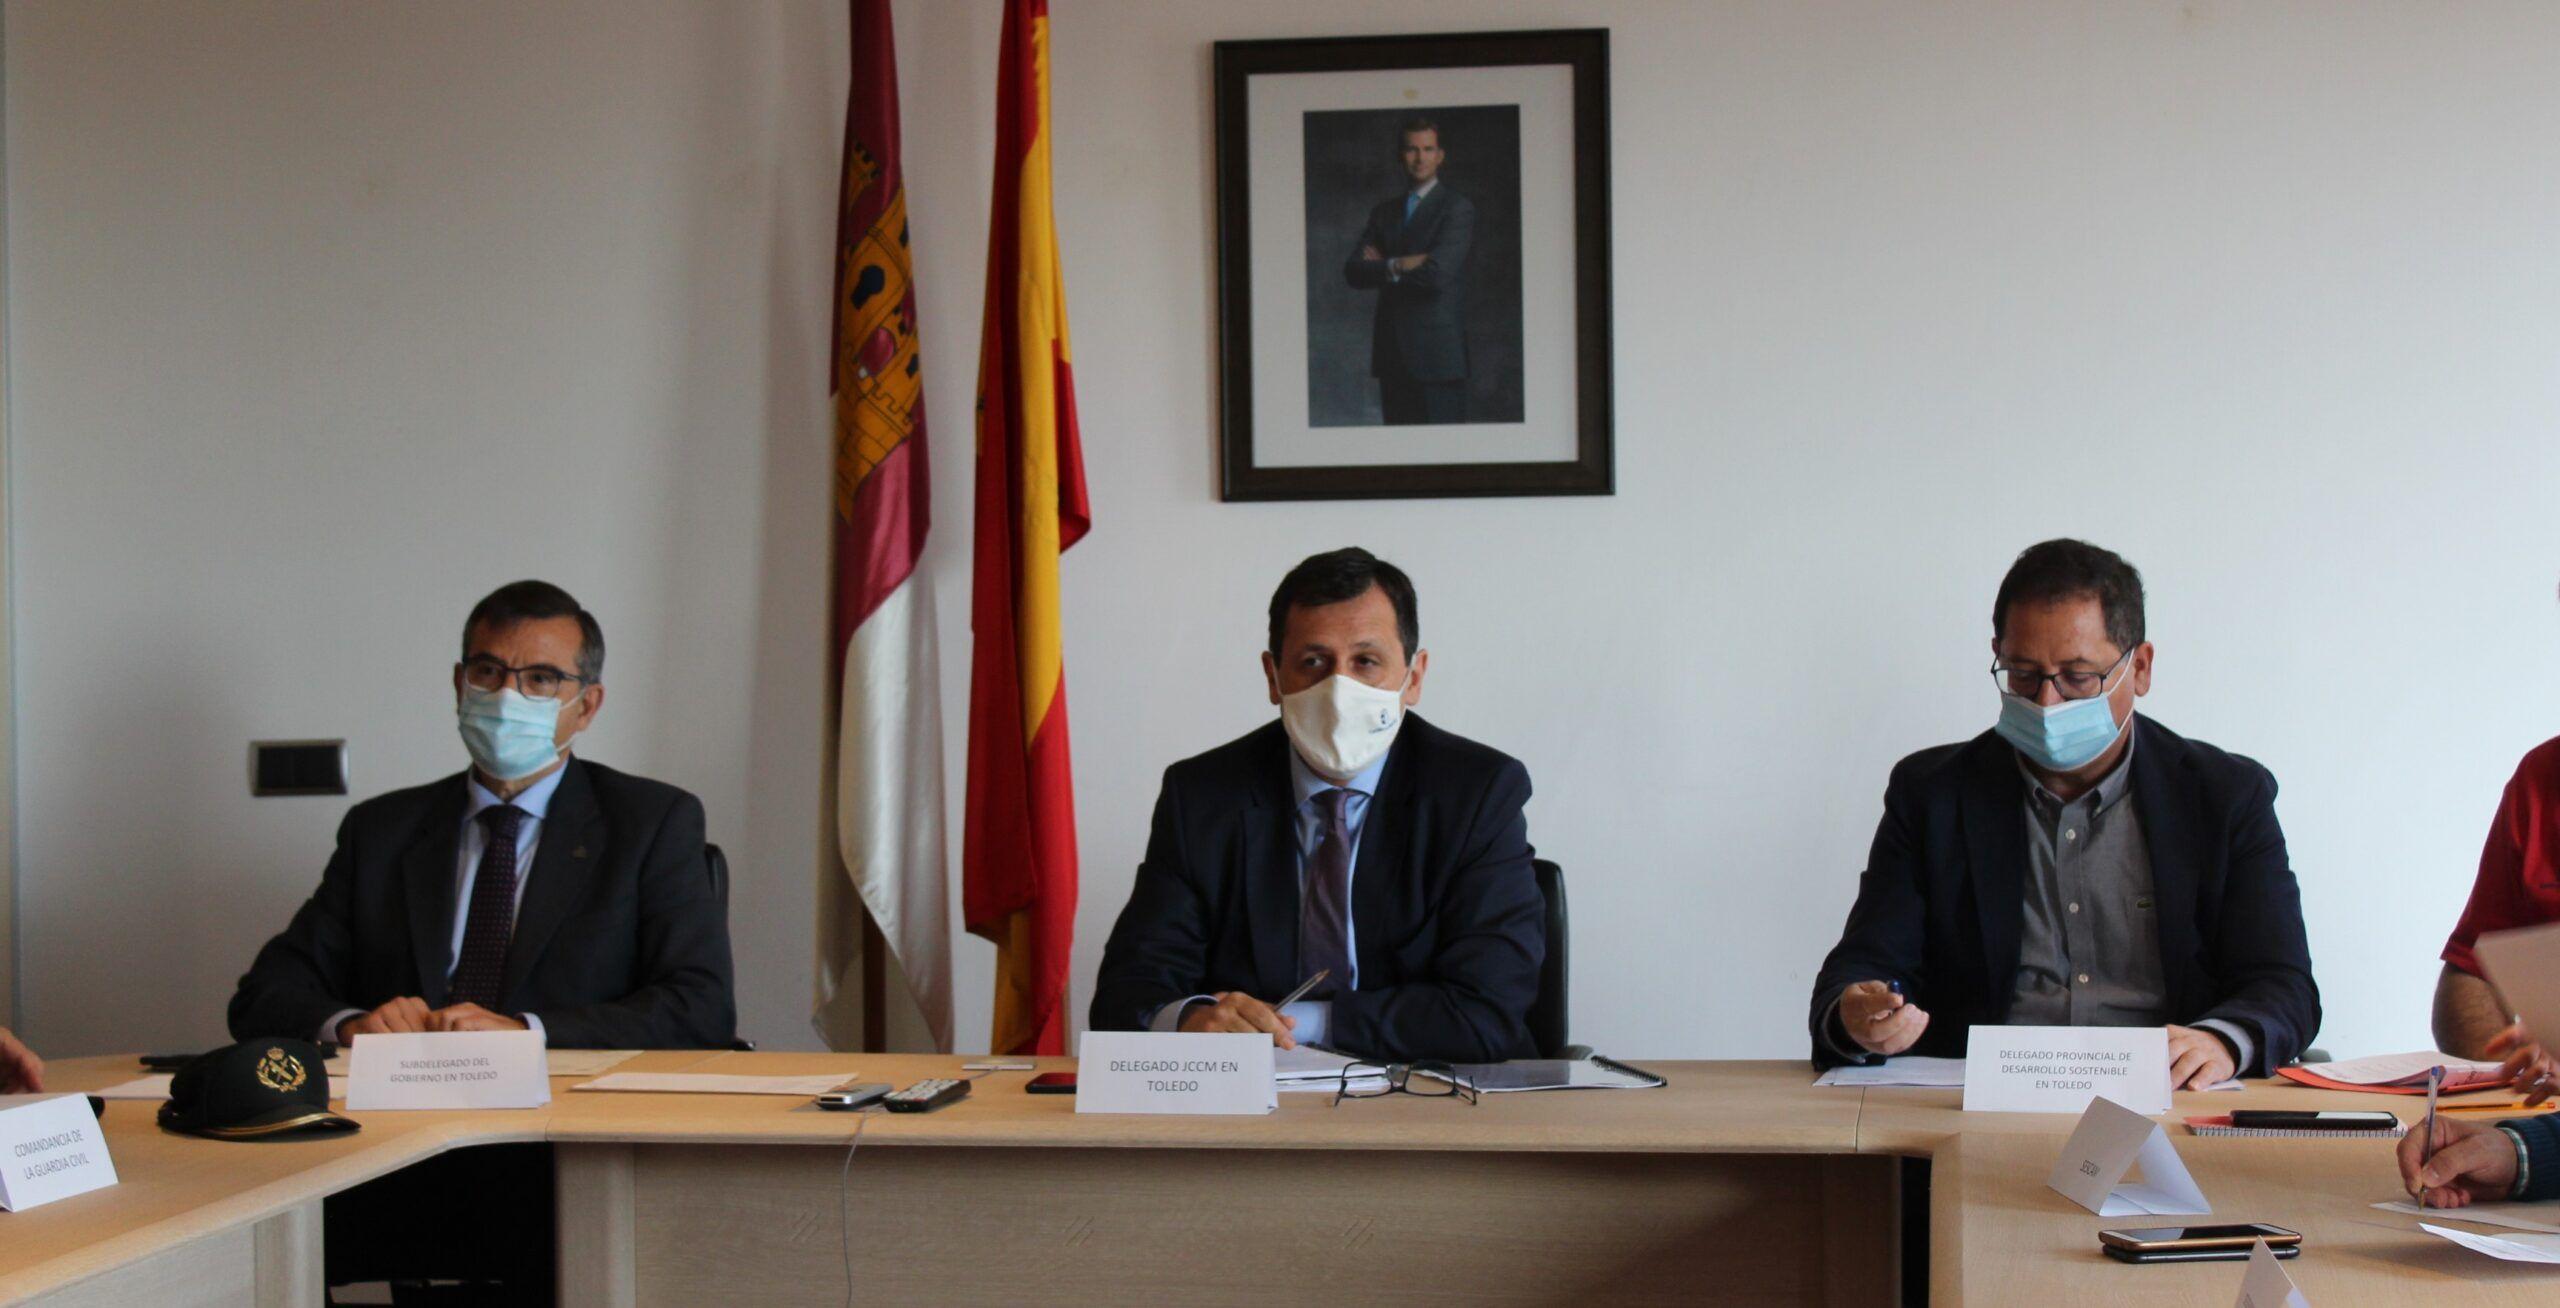 El Gobierno regional destina 16,7 millones de euros a la campaña de prevención y extinción de incendios forestales 2021 en la provincia de Toledo